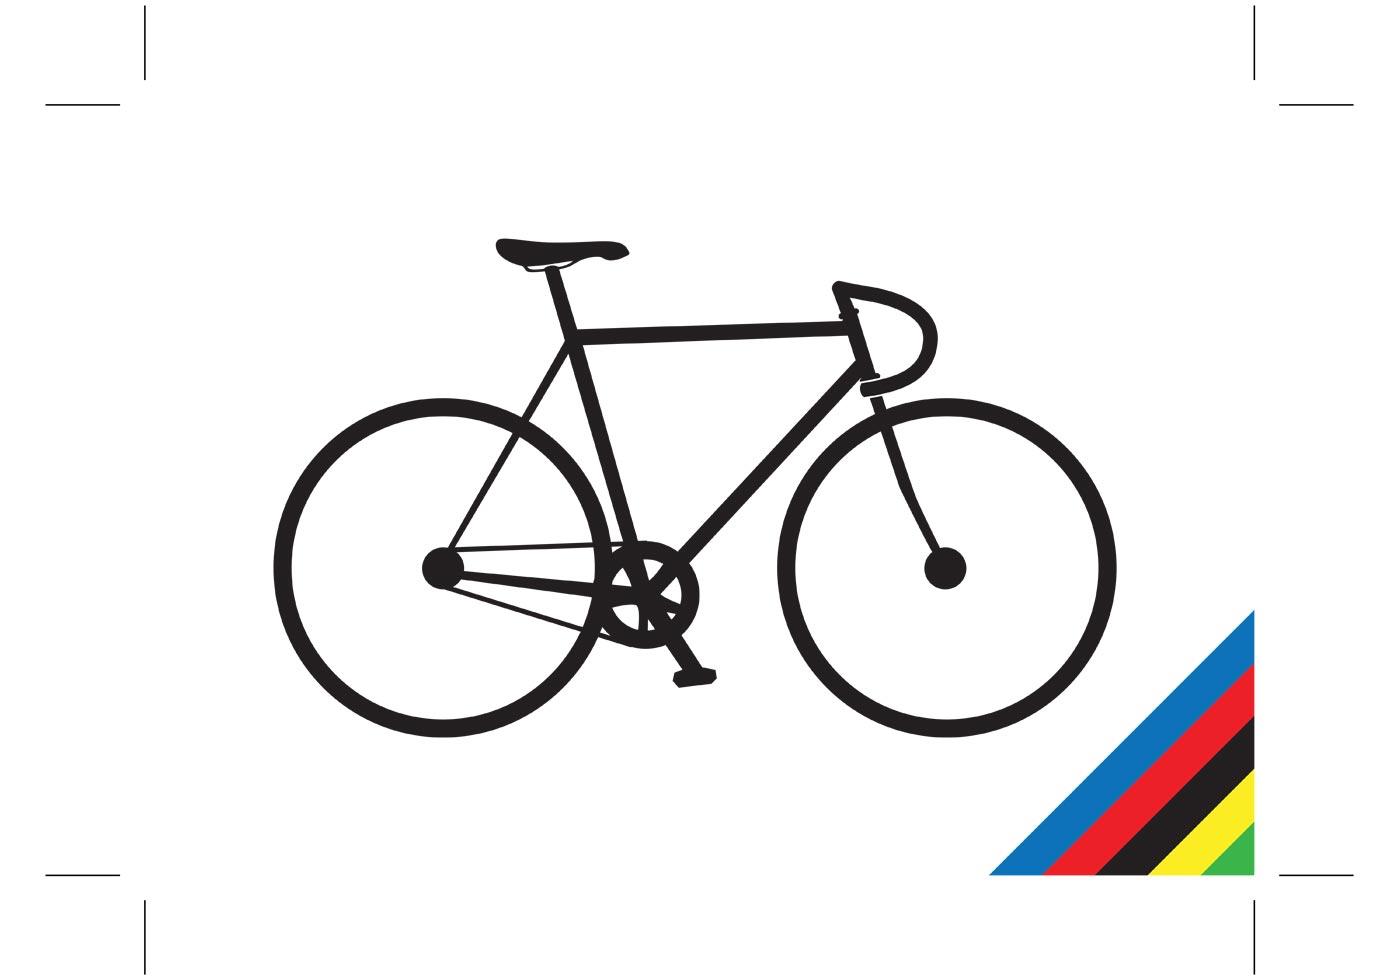 bike free vector art 652 free downloads rh vecteezy com bike victoria biker vector